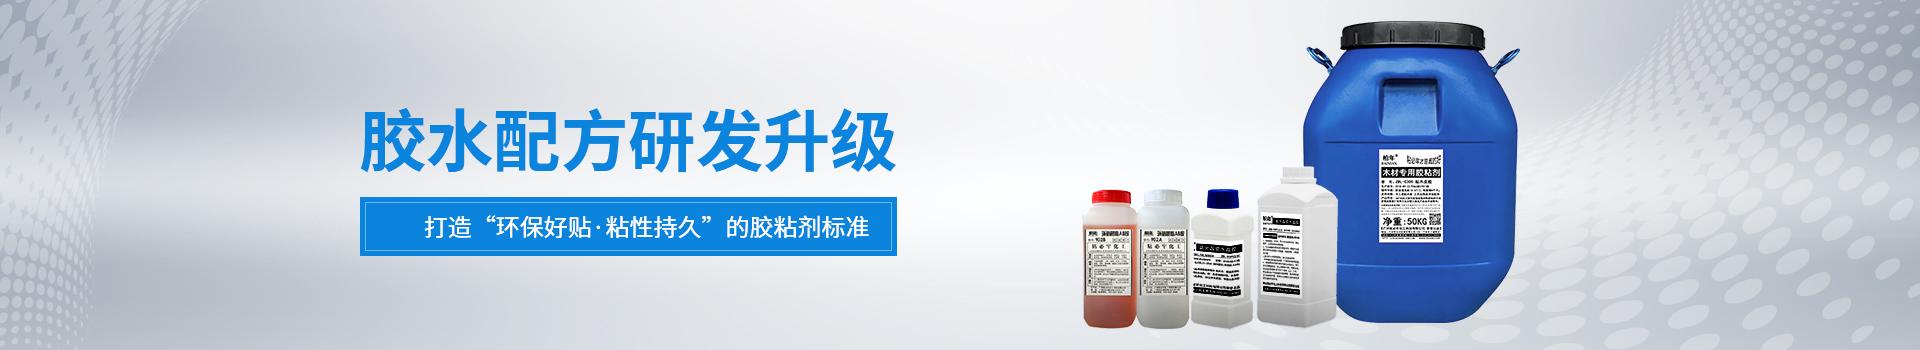 粘必牢-胶水配方研发升级